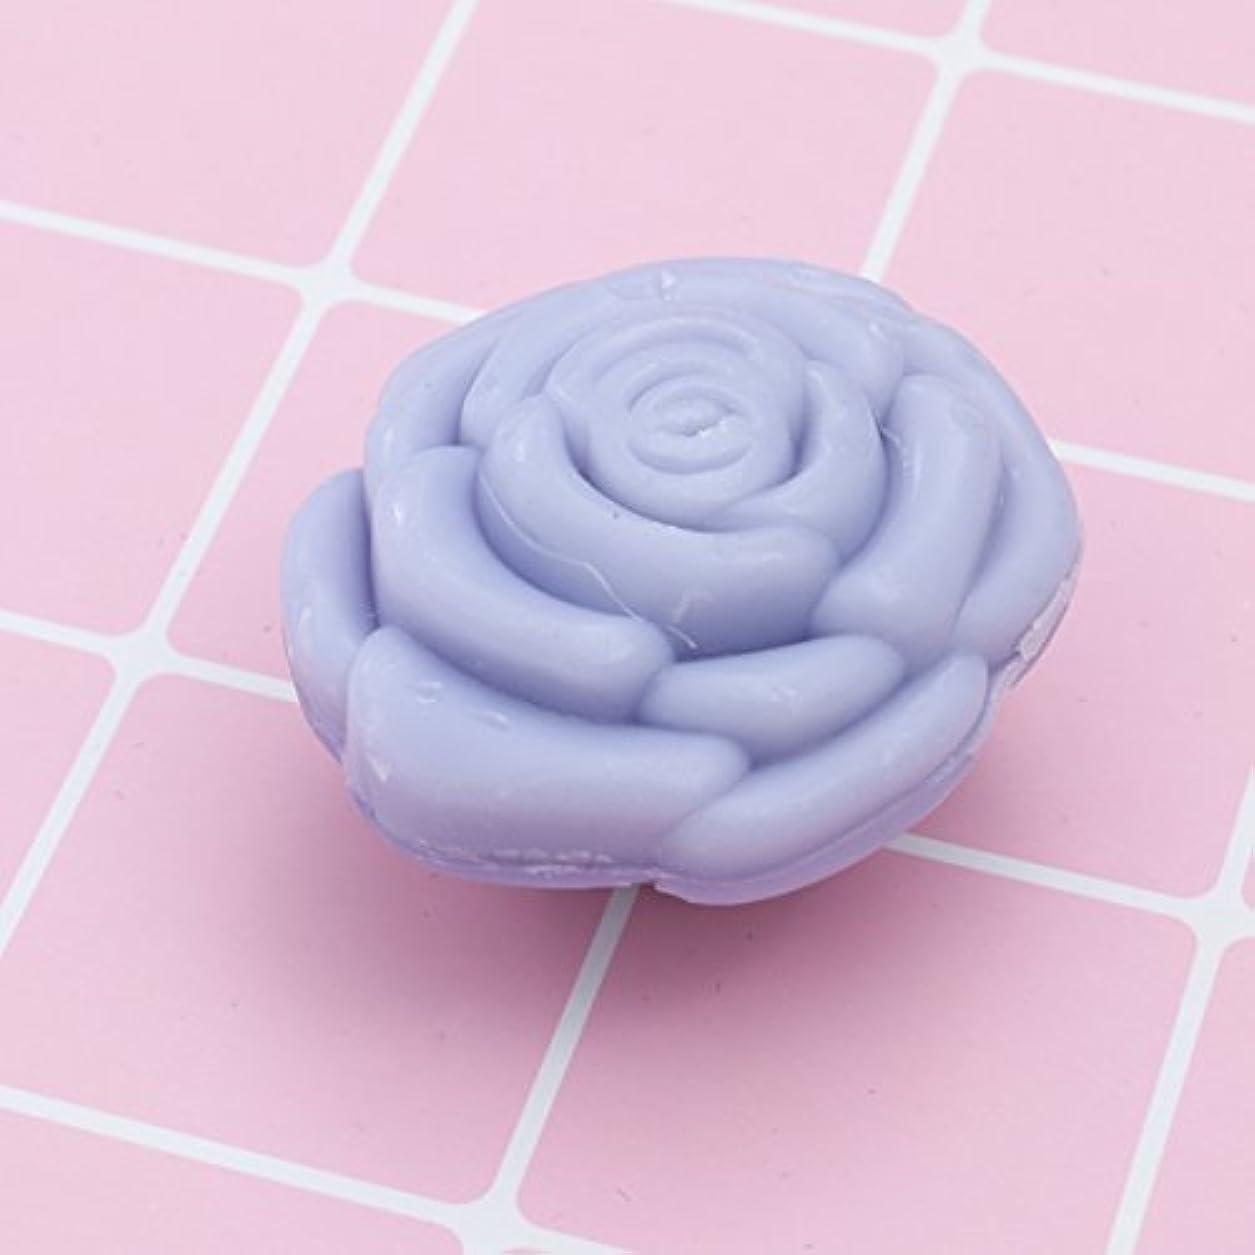 俳優偏心ウィスキーAmosfun 手作り石鹸オイルローズフラワーソープアロマエッセンシャルオイルギフト記念日誕生日結婚式バレンタインデー(紫)20ピース